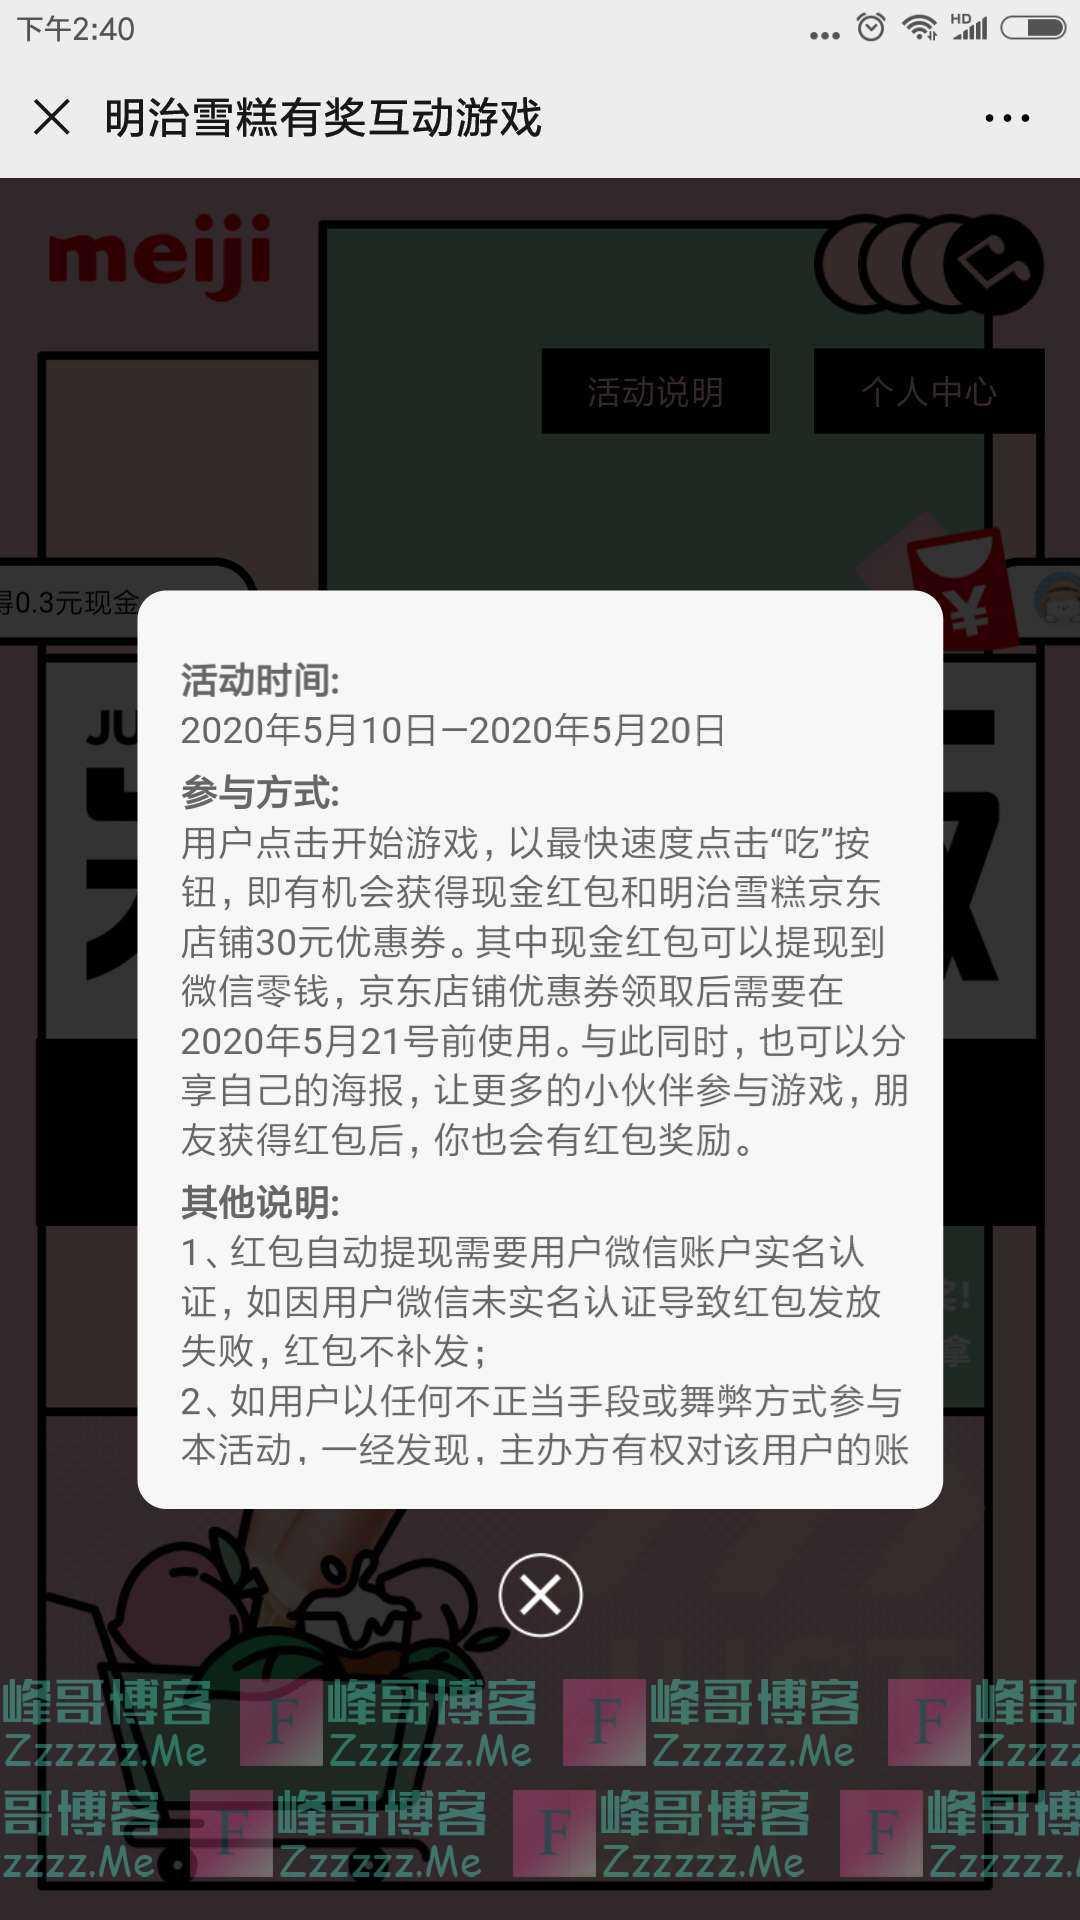 明治雪糕有奖游戏送万元红包(截止5月20日)